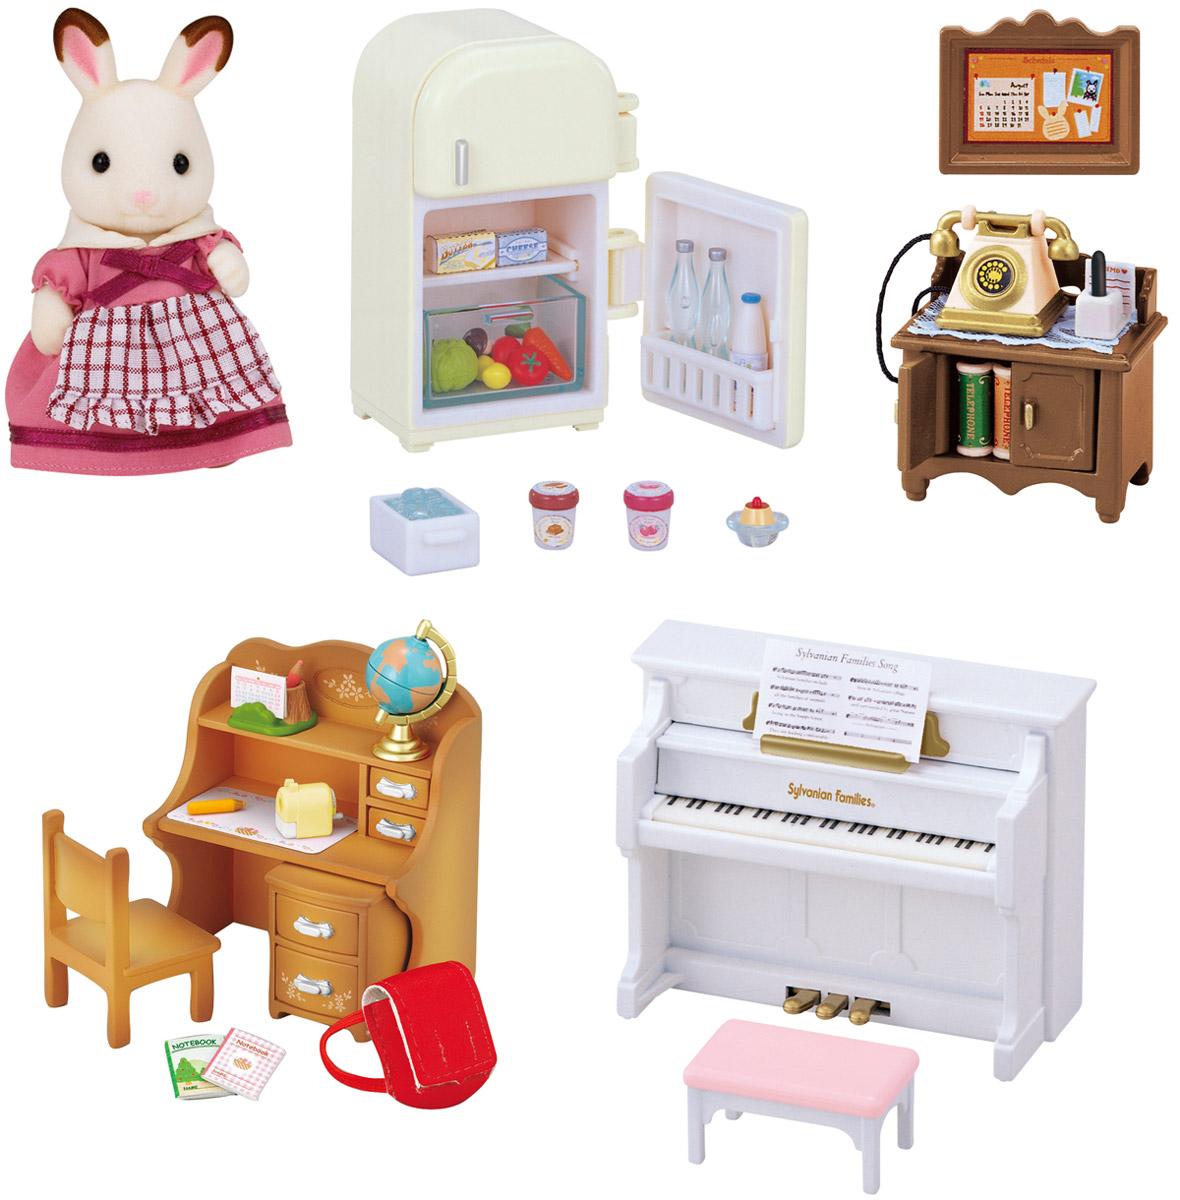 Sylvanian Families Игровой набор Мебель для дома Марии набор мебель для дома марии sylvanian families